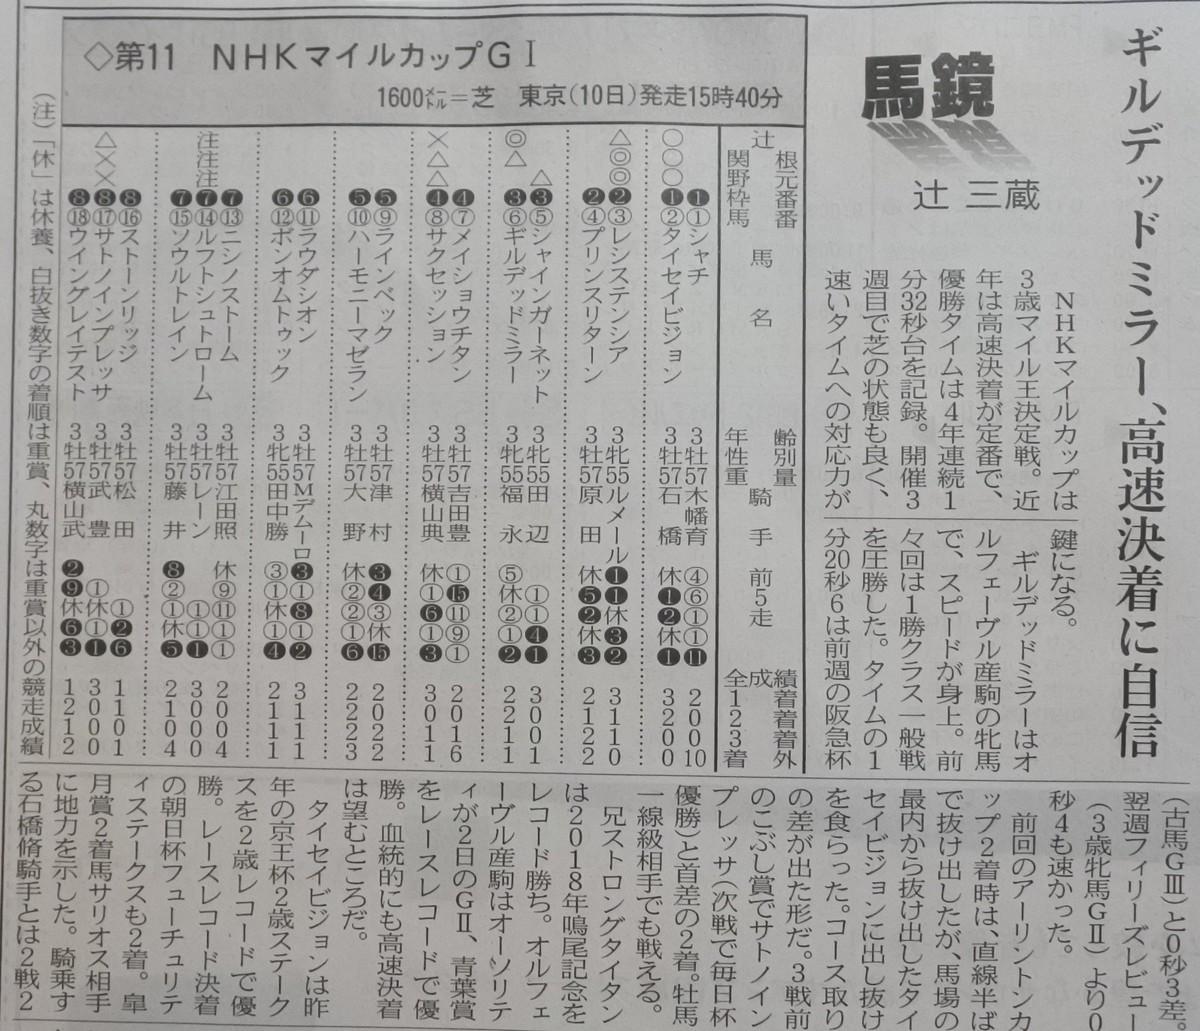 f:id:sanzo2004321:20200530162029j:plain